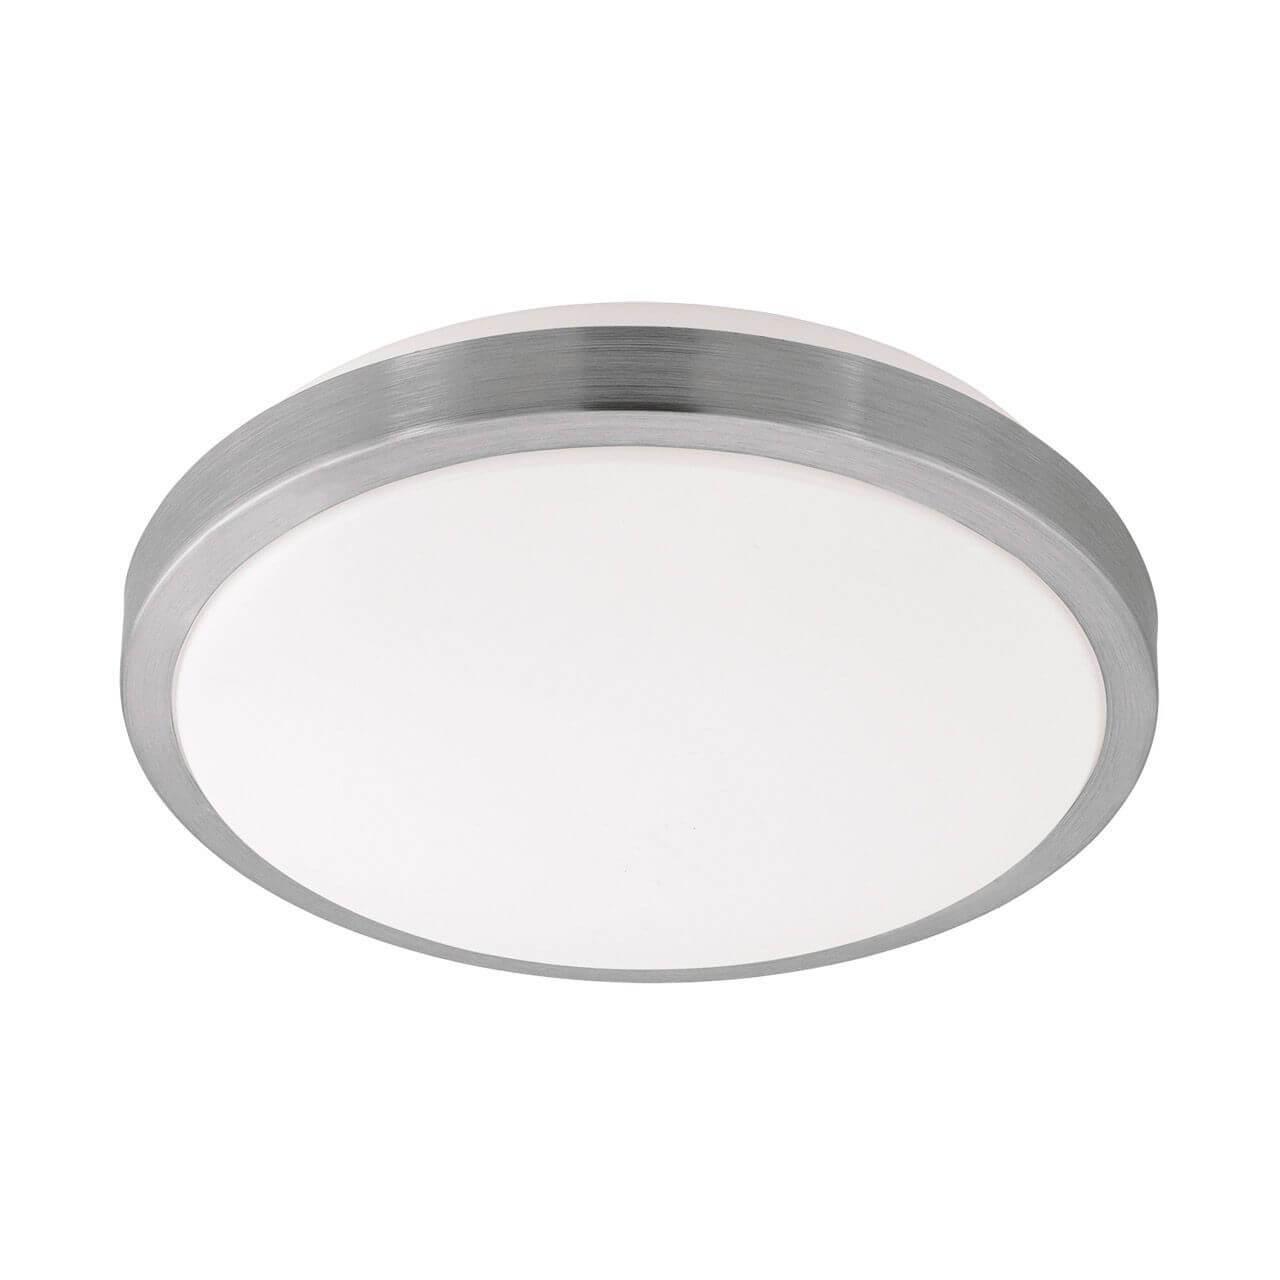 Потолочный светильник Eglo 96033, белый eglo 94615